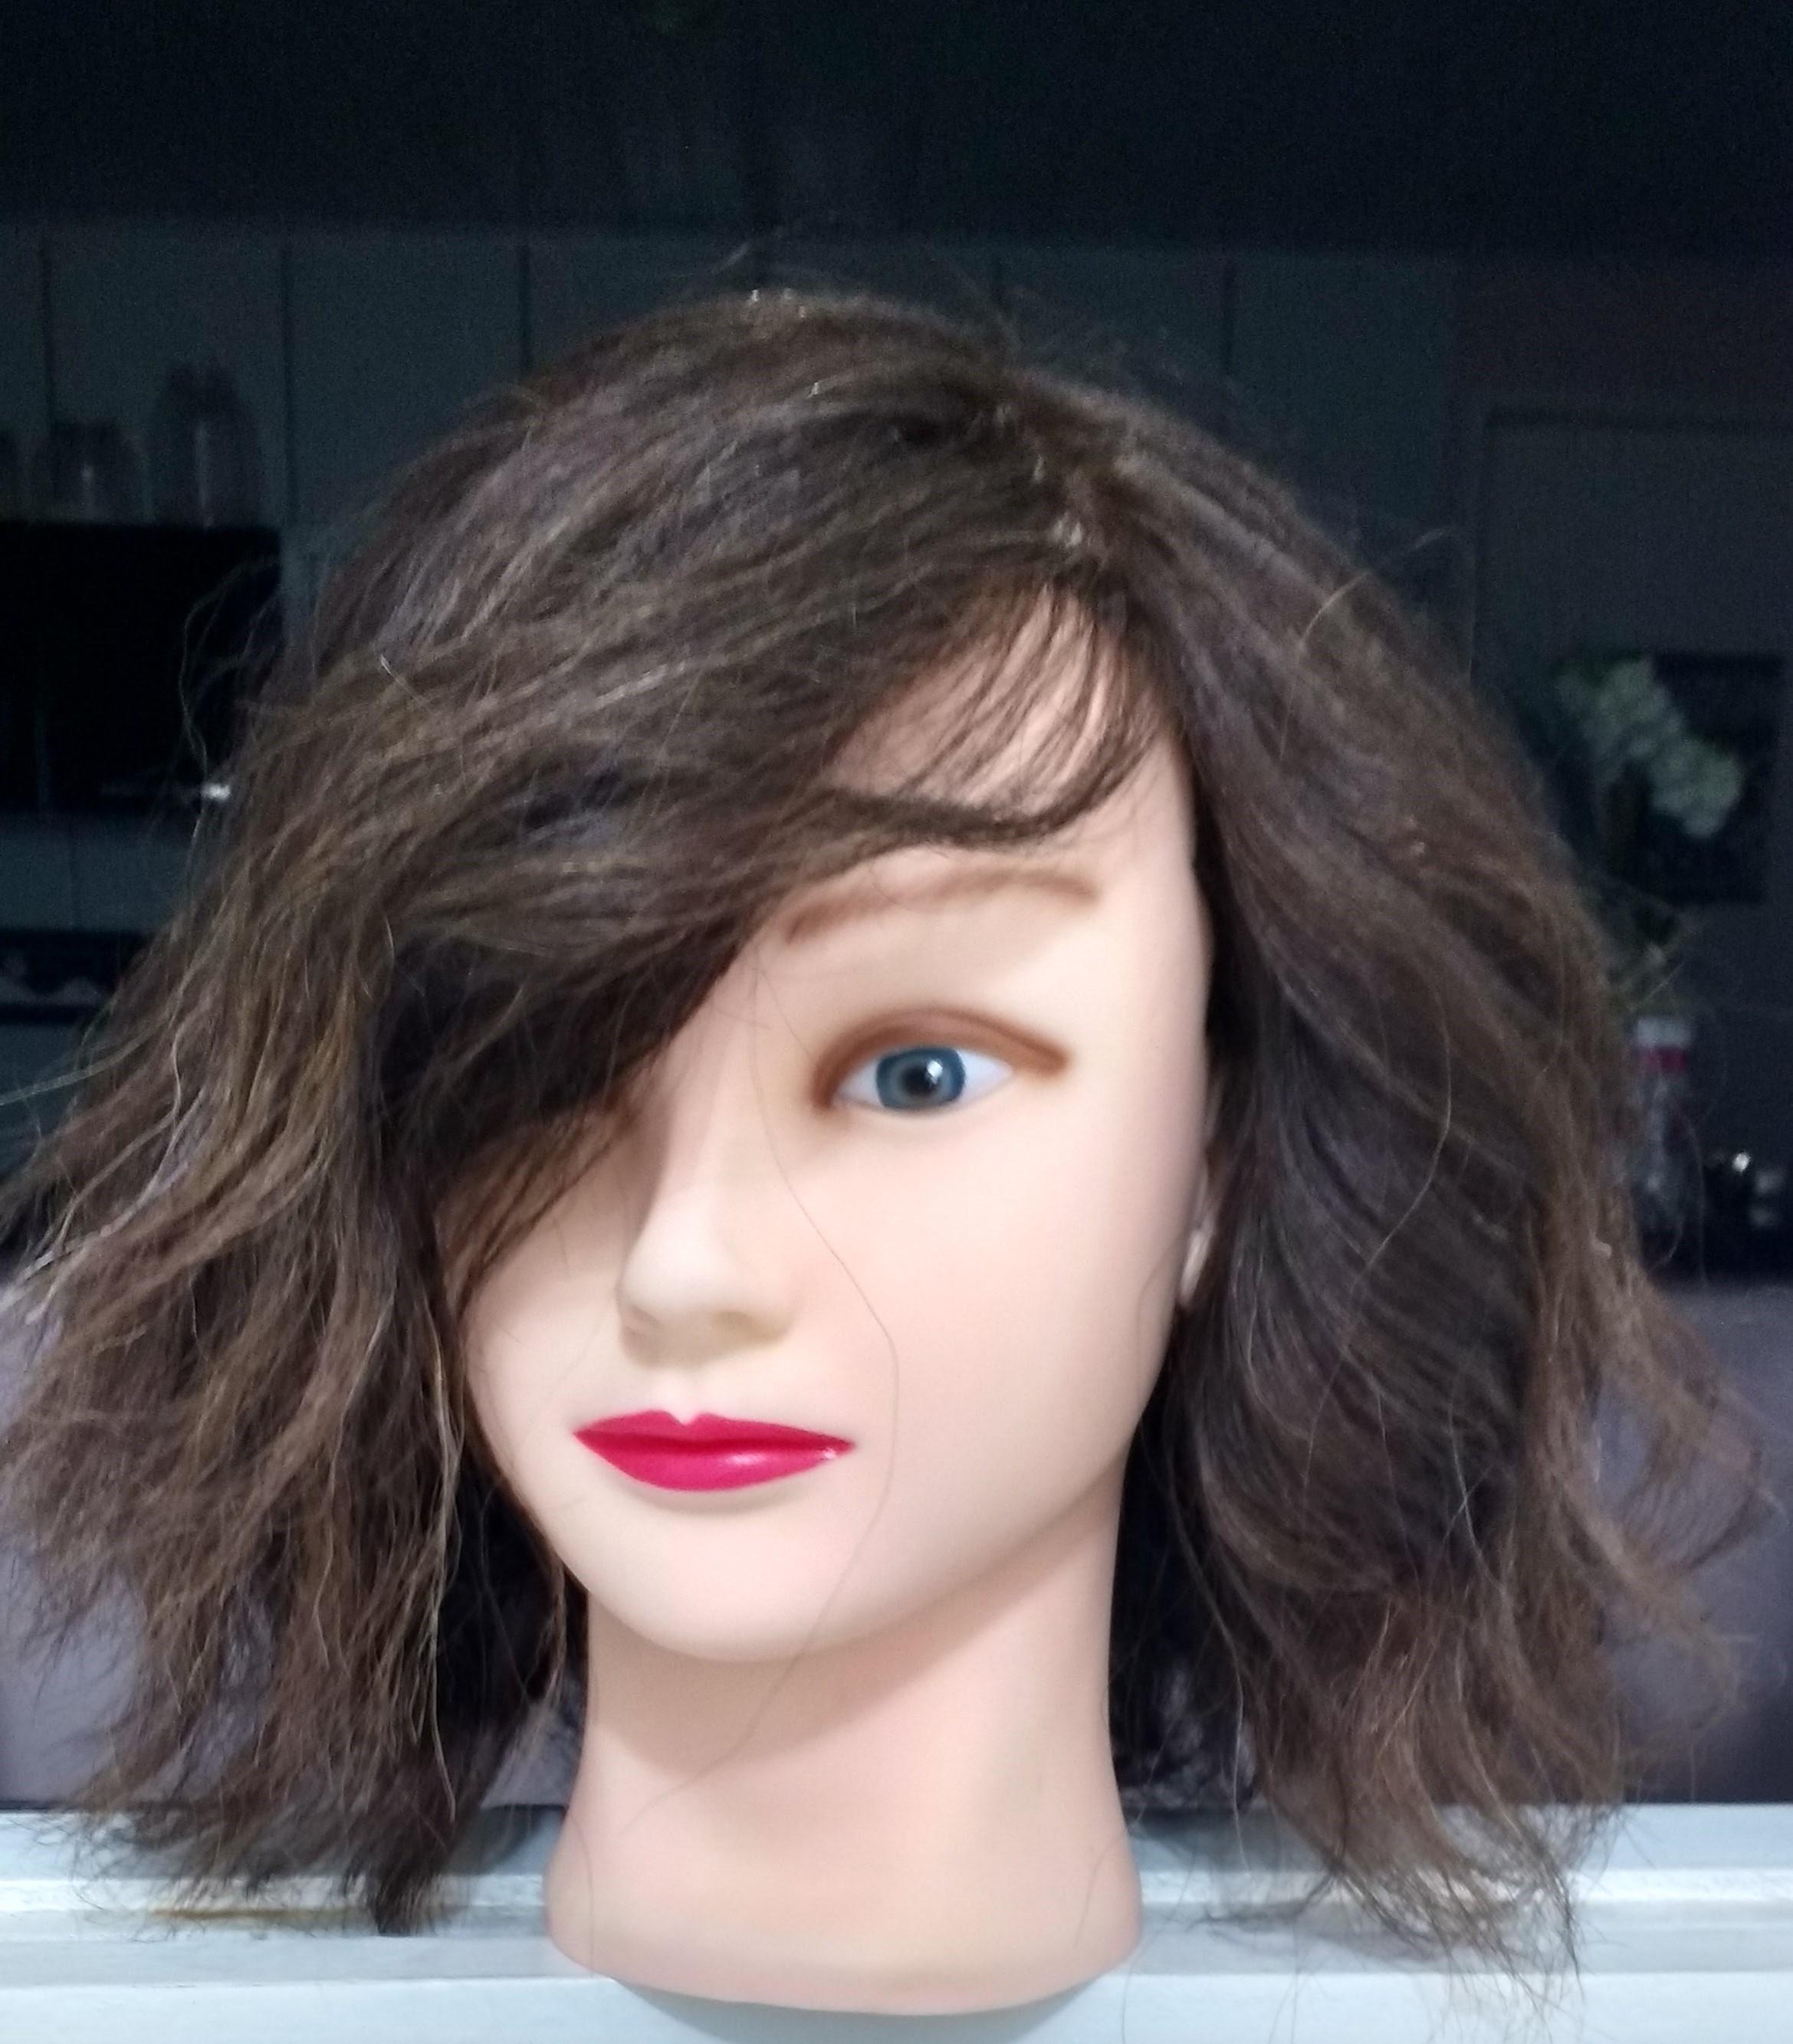 Corte com navalha  cabelo estudante (cabeleireiro)